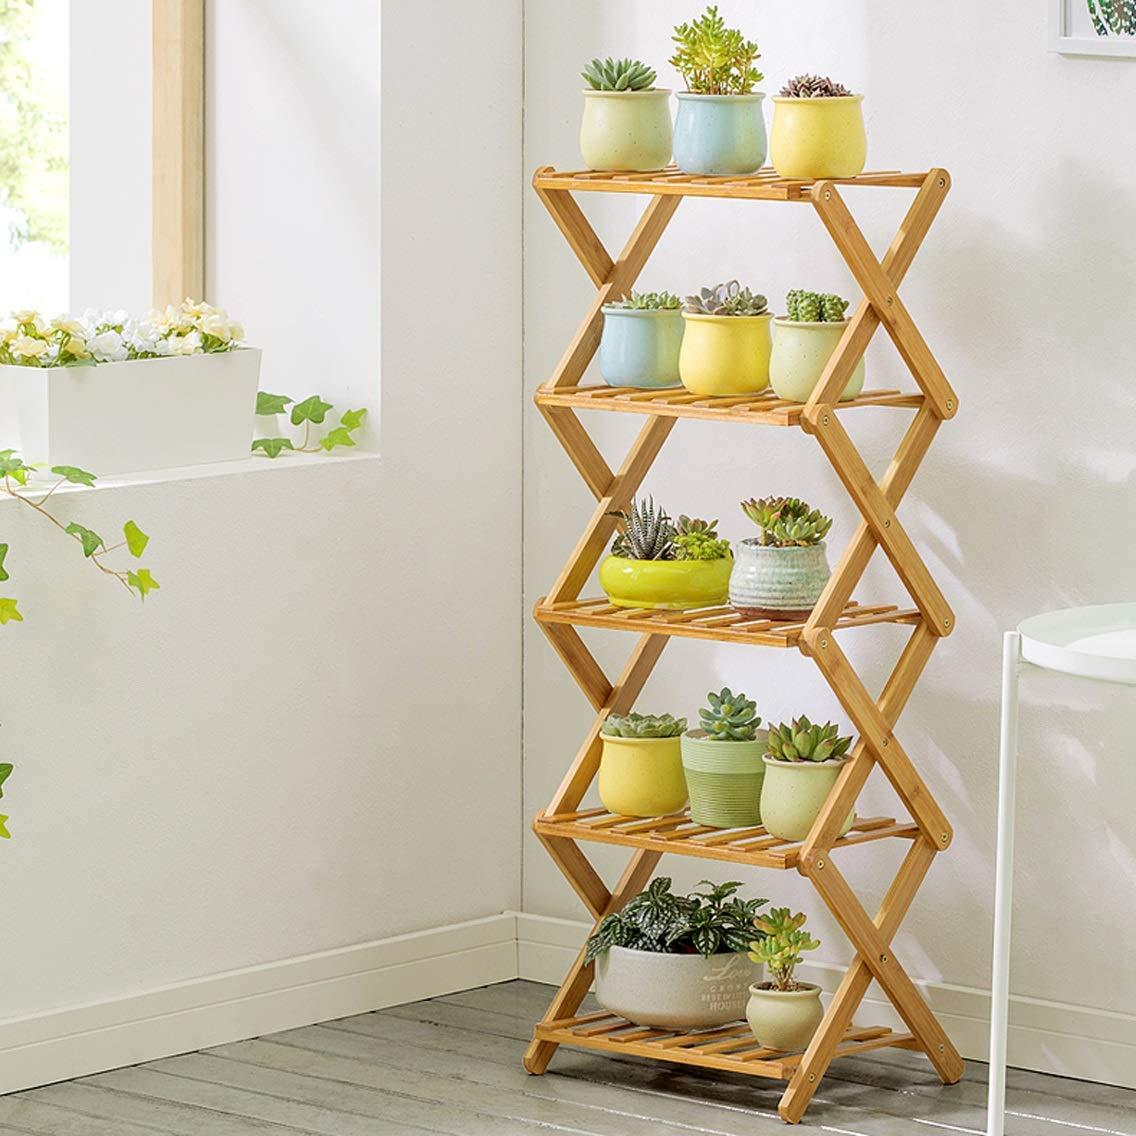 LRW Bamboo Flower Rack Indoor Multi-Storey Folding Flower Rack Balcony Living Room Meat Flower Pot Rack, 5 Storey